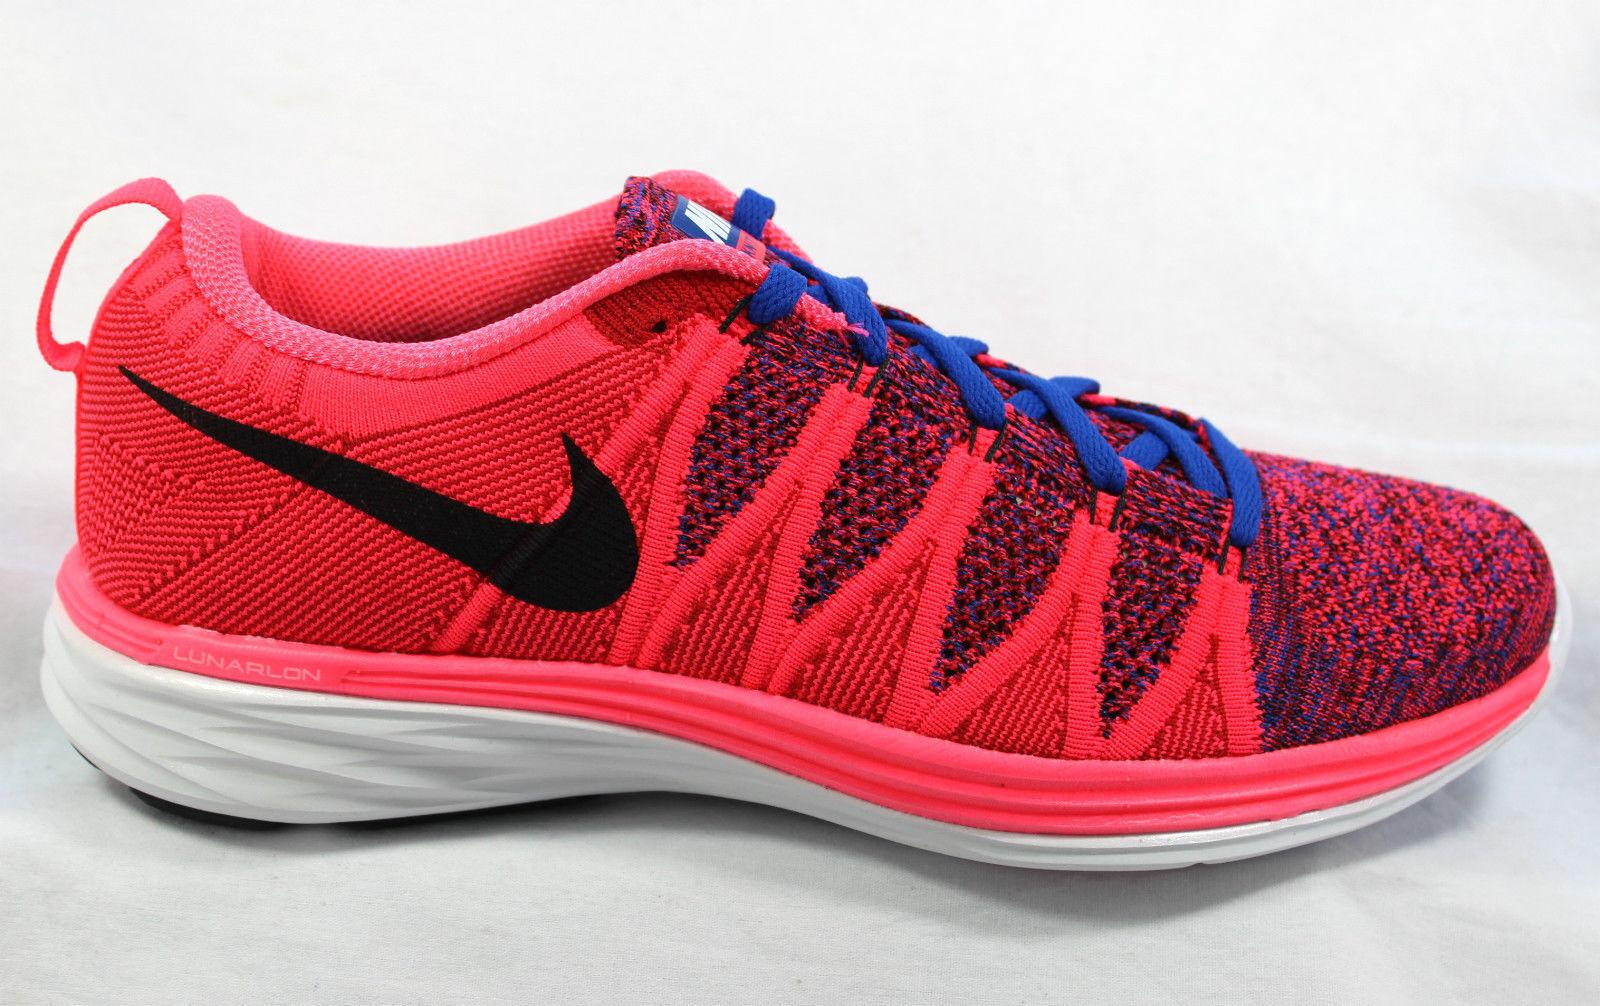 Nike Flyknit Lunar 2 Punzone/Blu/Rosso Corsa Tessile Scarpe Da Ginnastica Corsa Punzone/Blu/Rosso Uk - 8.5/43 a87499